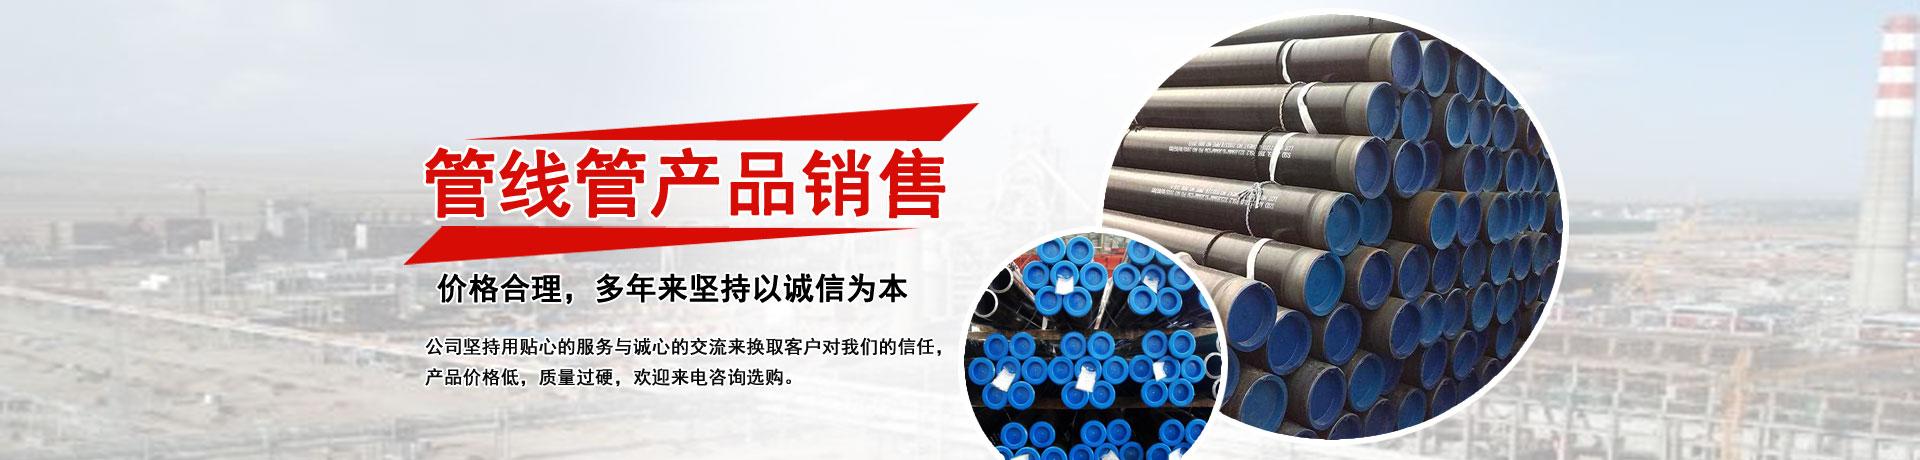 L360管线管厂